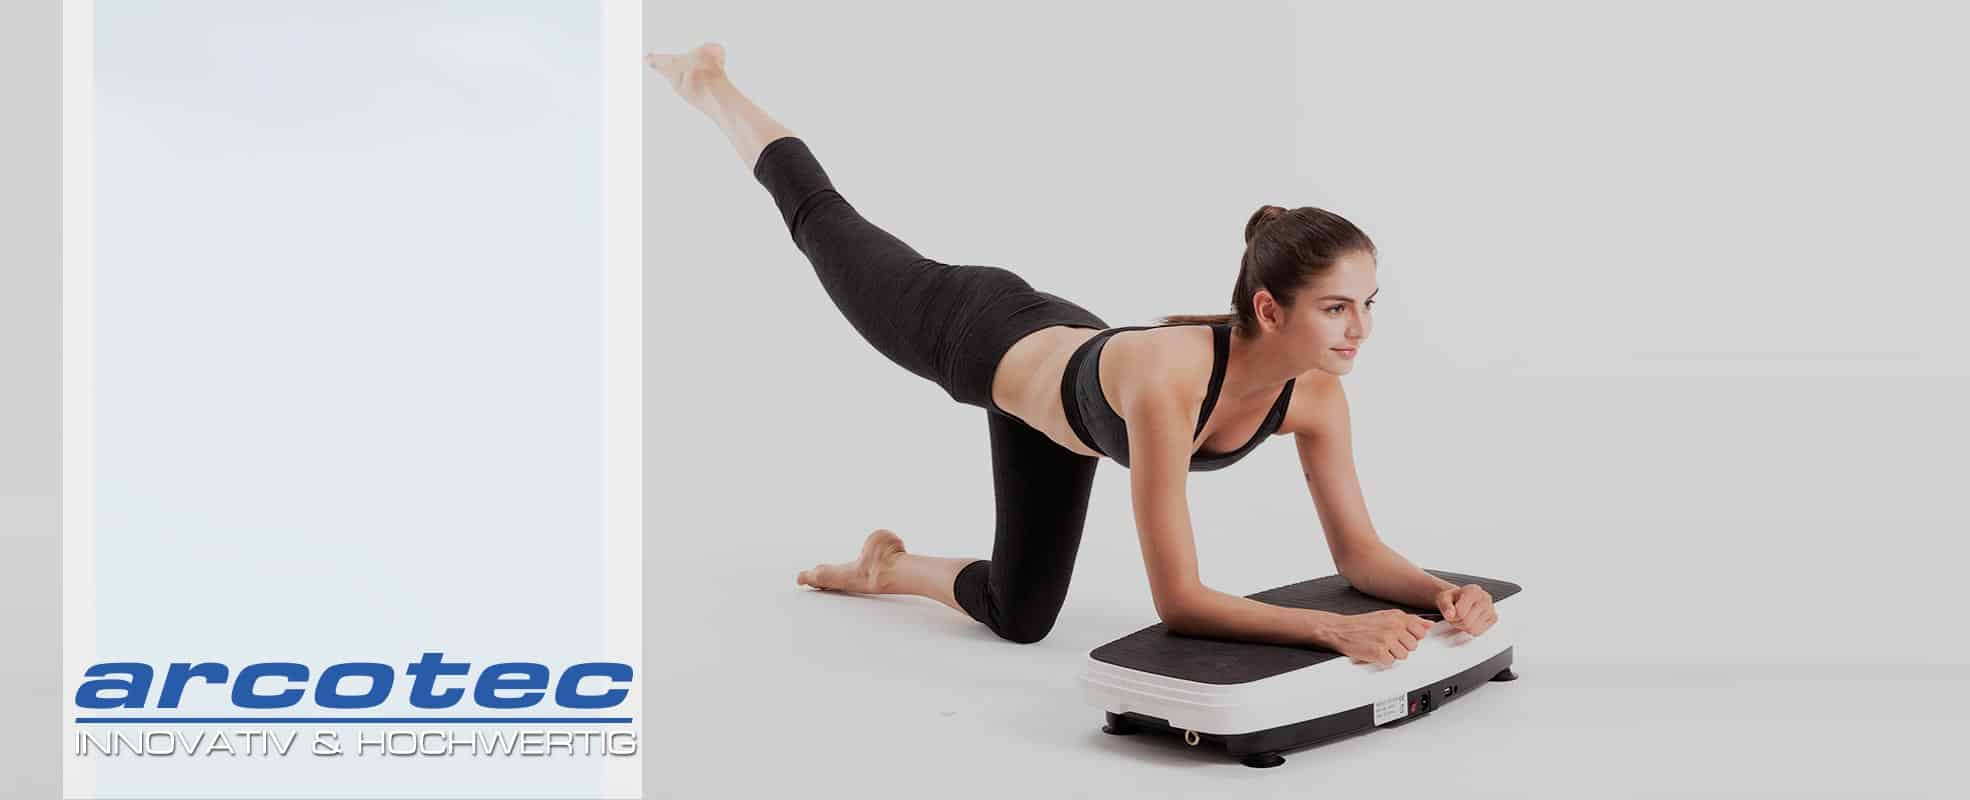 @tec Vibrationsplatten, ein Vibrationstrainer für zuhause